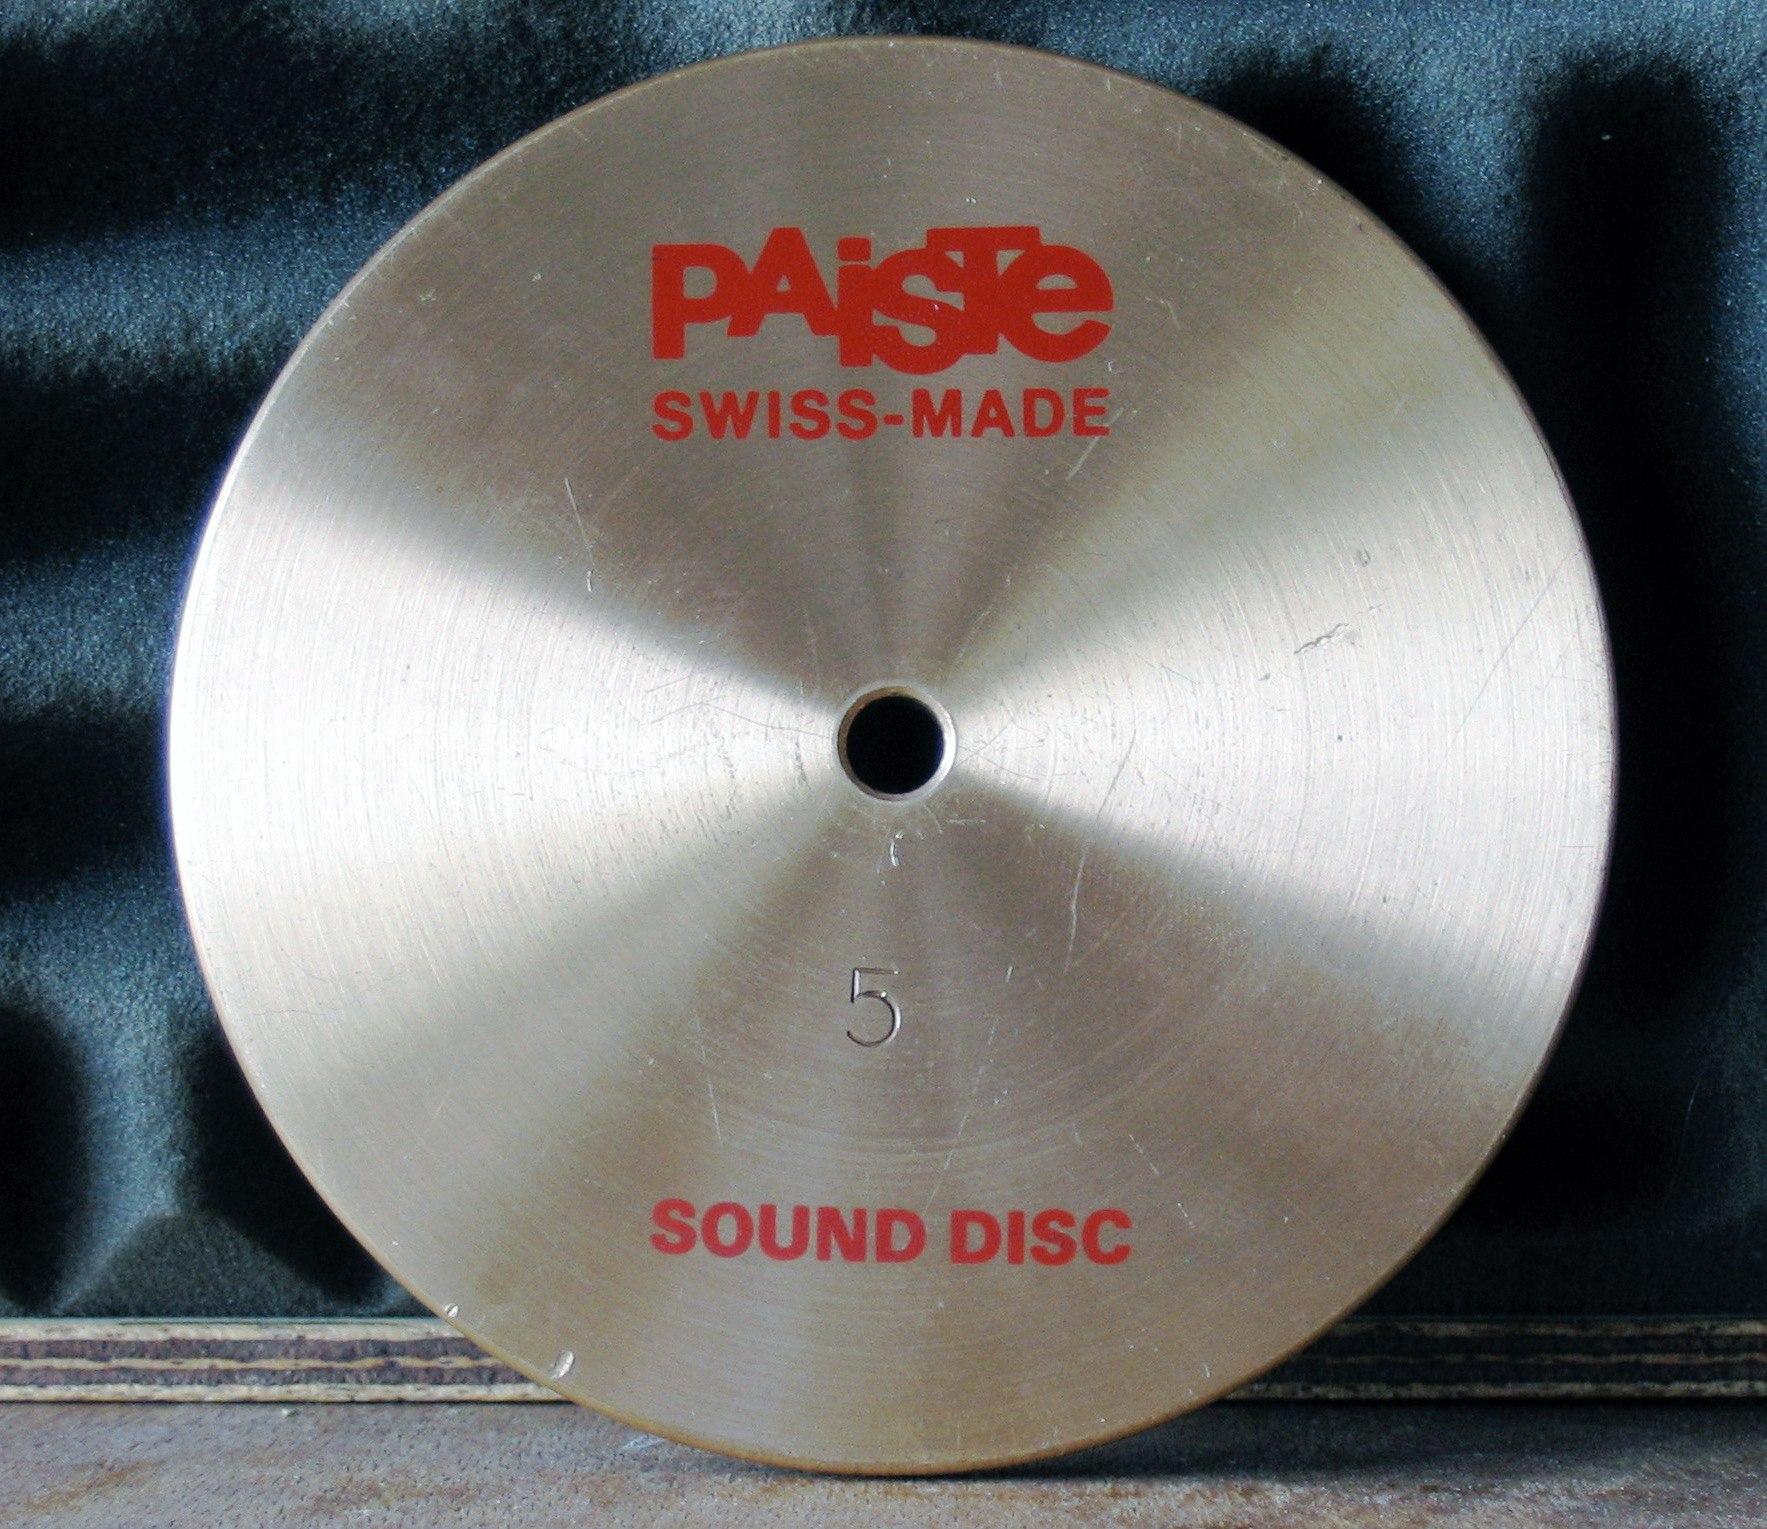 2002 SOUND DISC #5